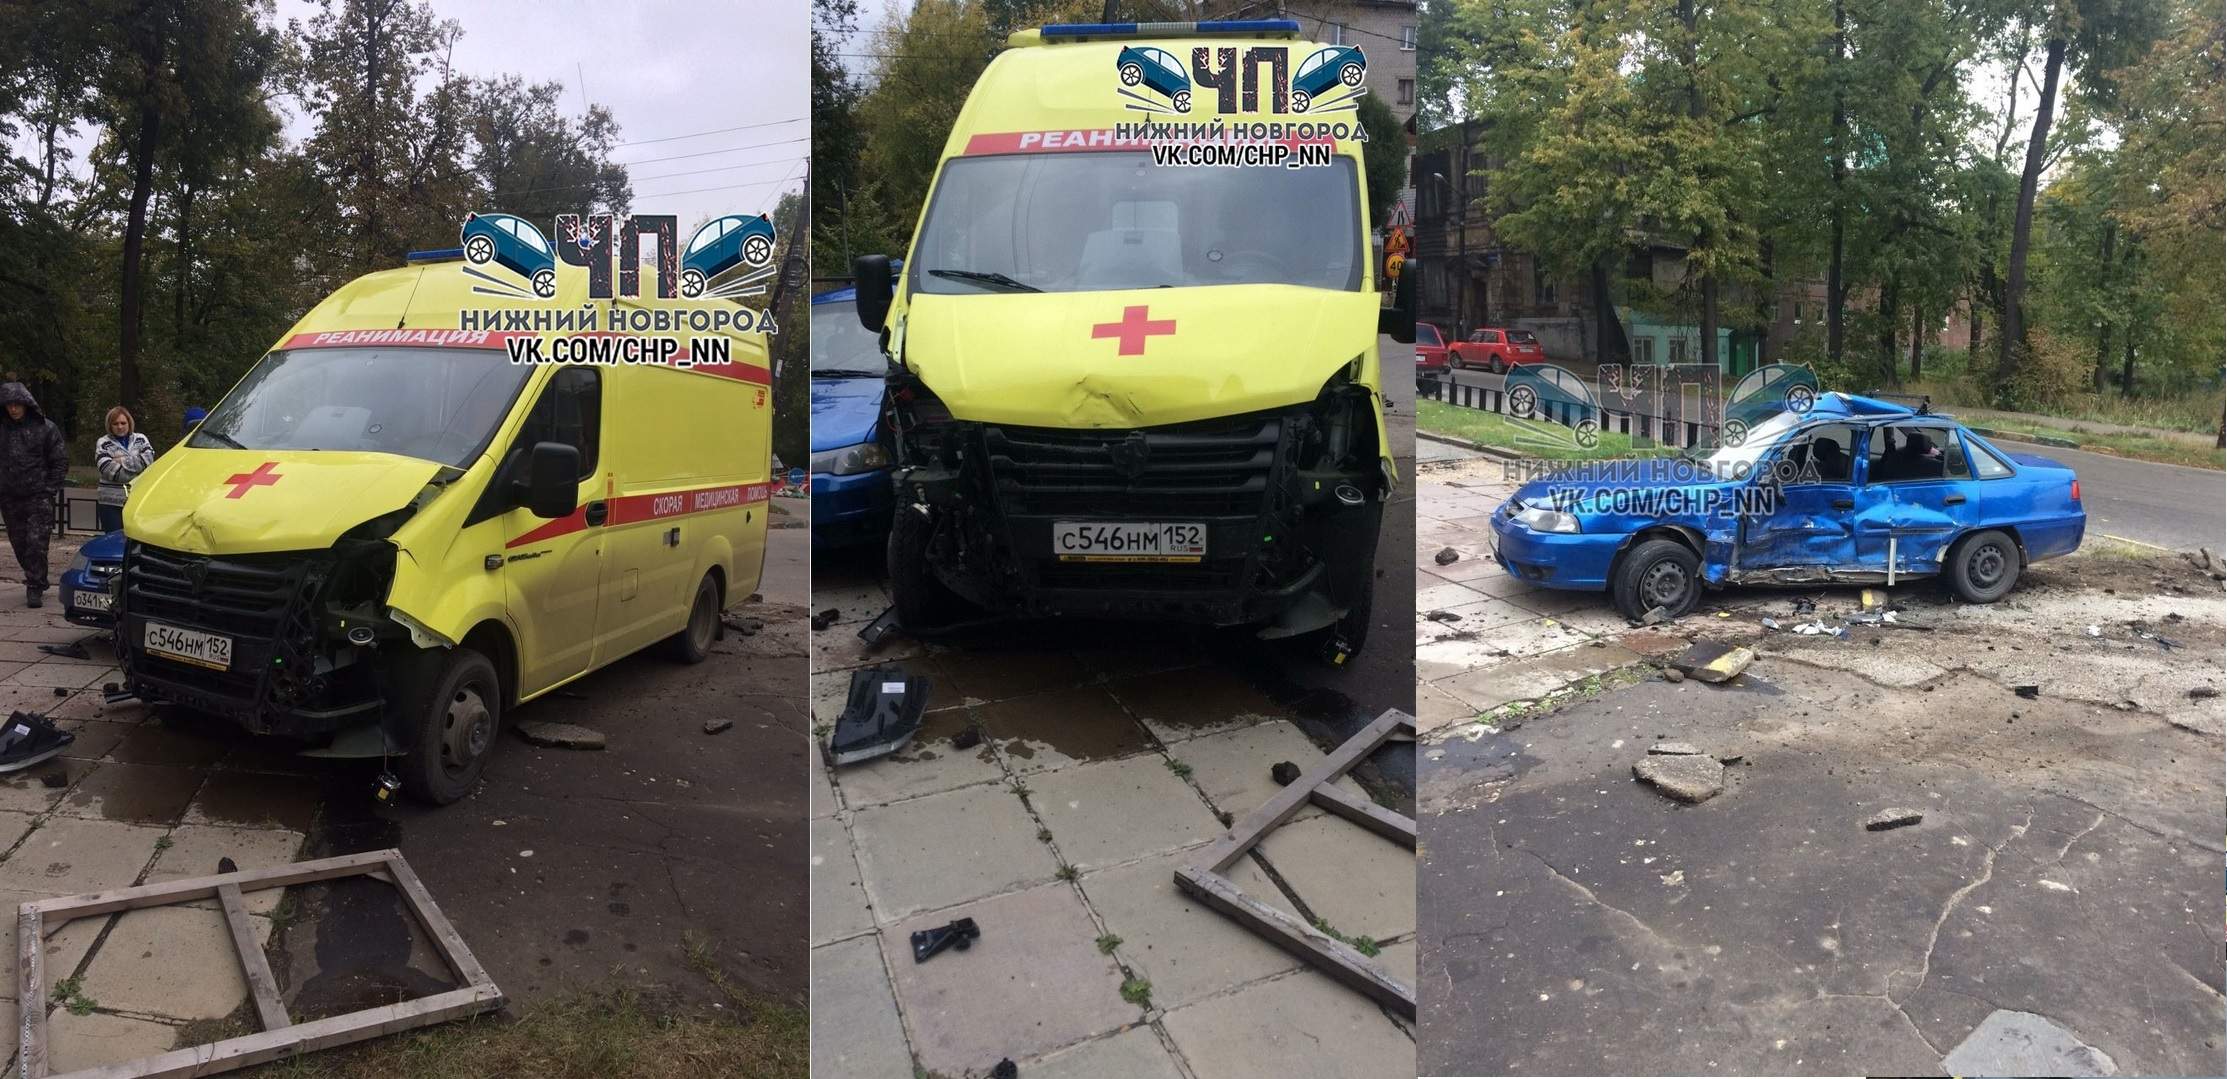 В Нижнем Новгороде такси столкнулось со скорой помощью